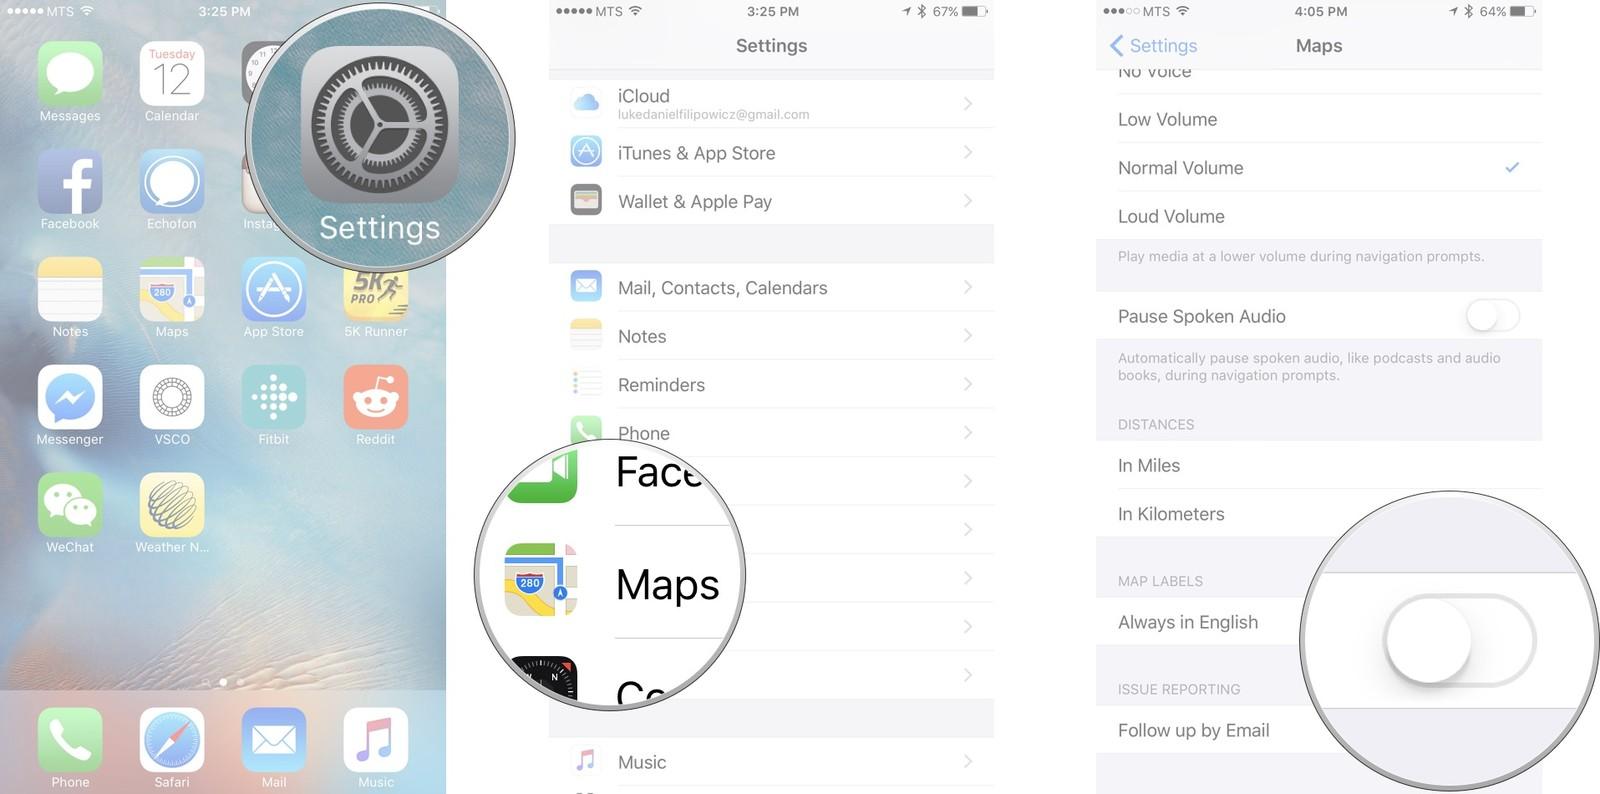 Как пользоваться Картами на iPhone и iPad - Получать отчеты на почту